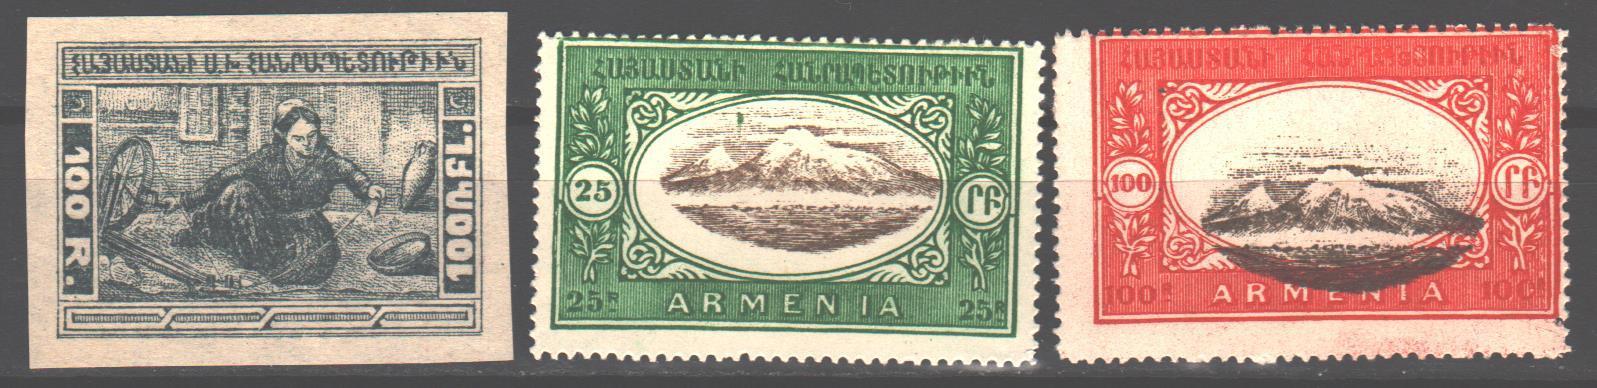 Продам марки Армении